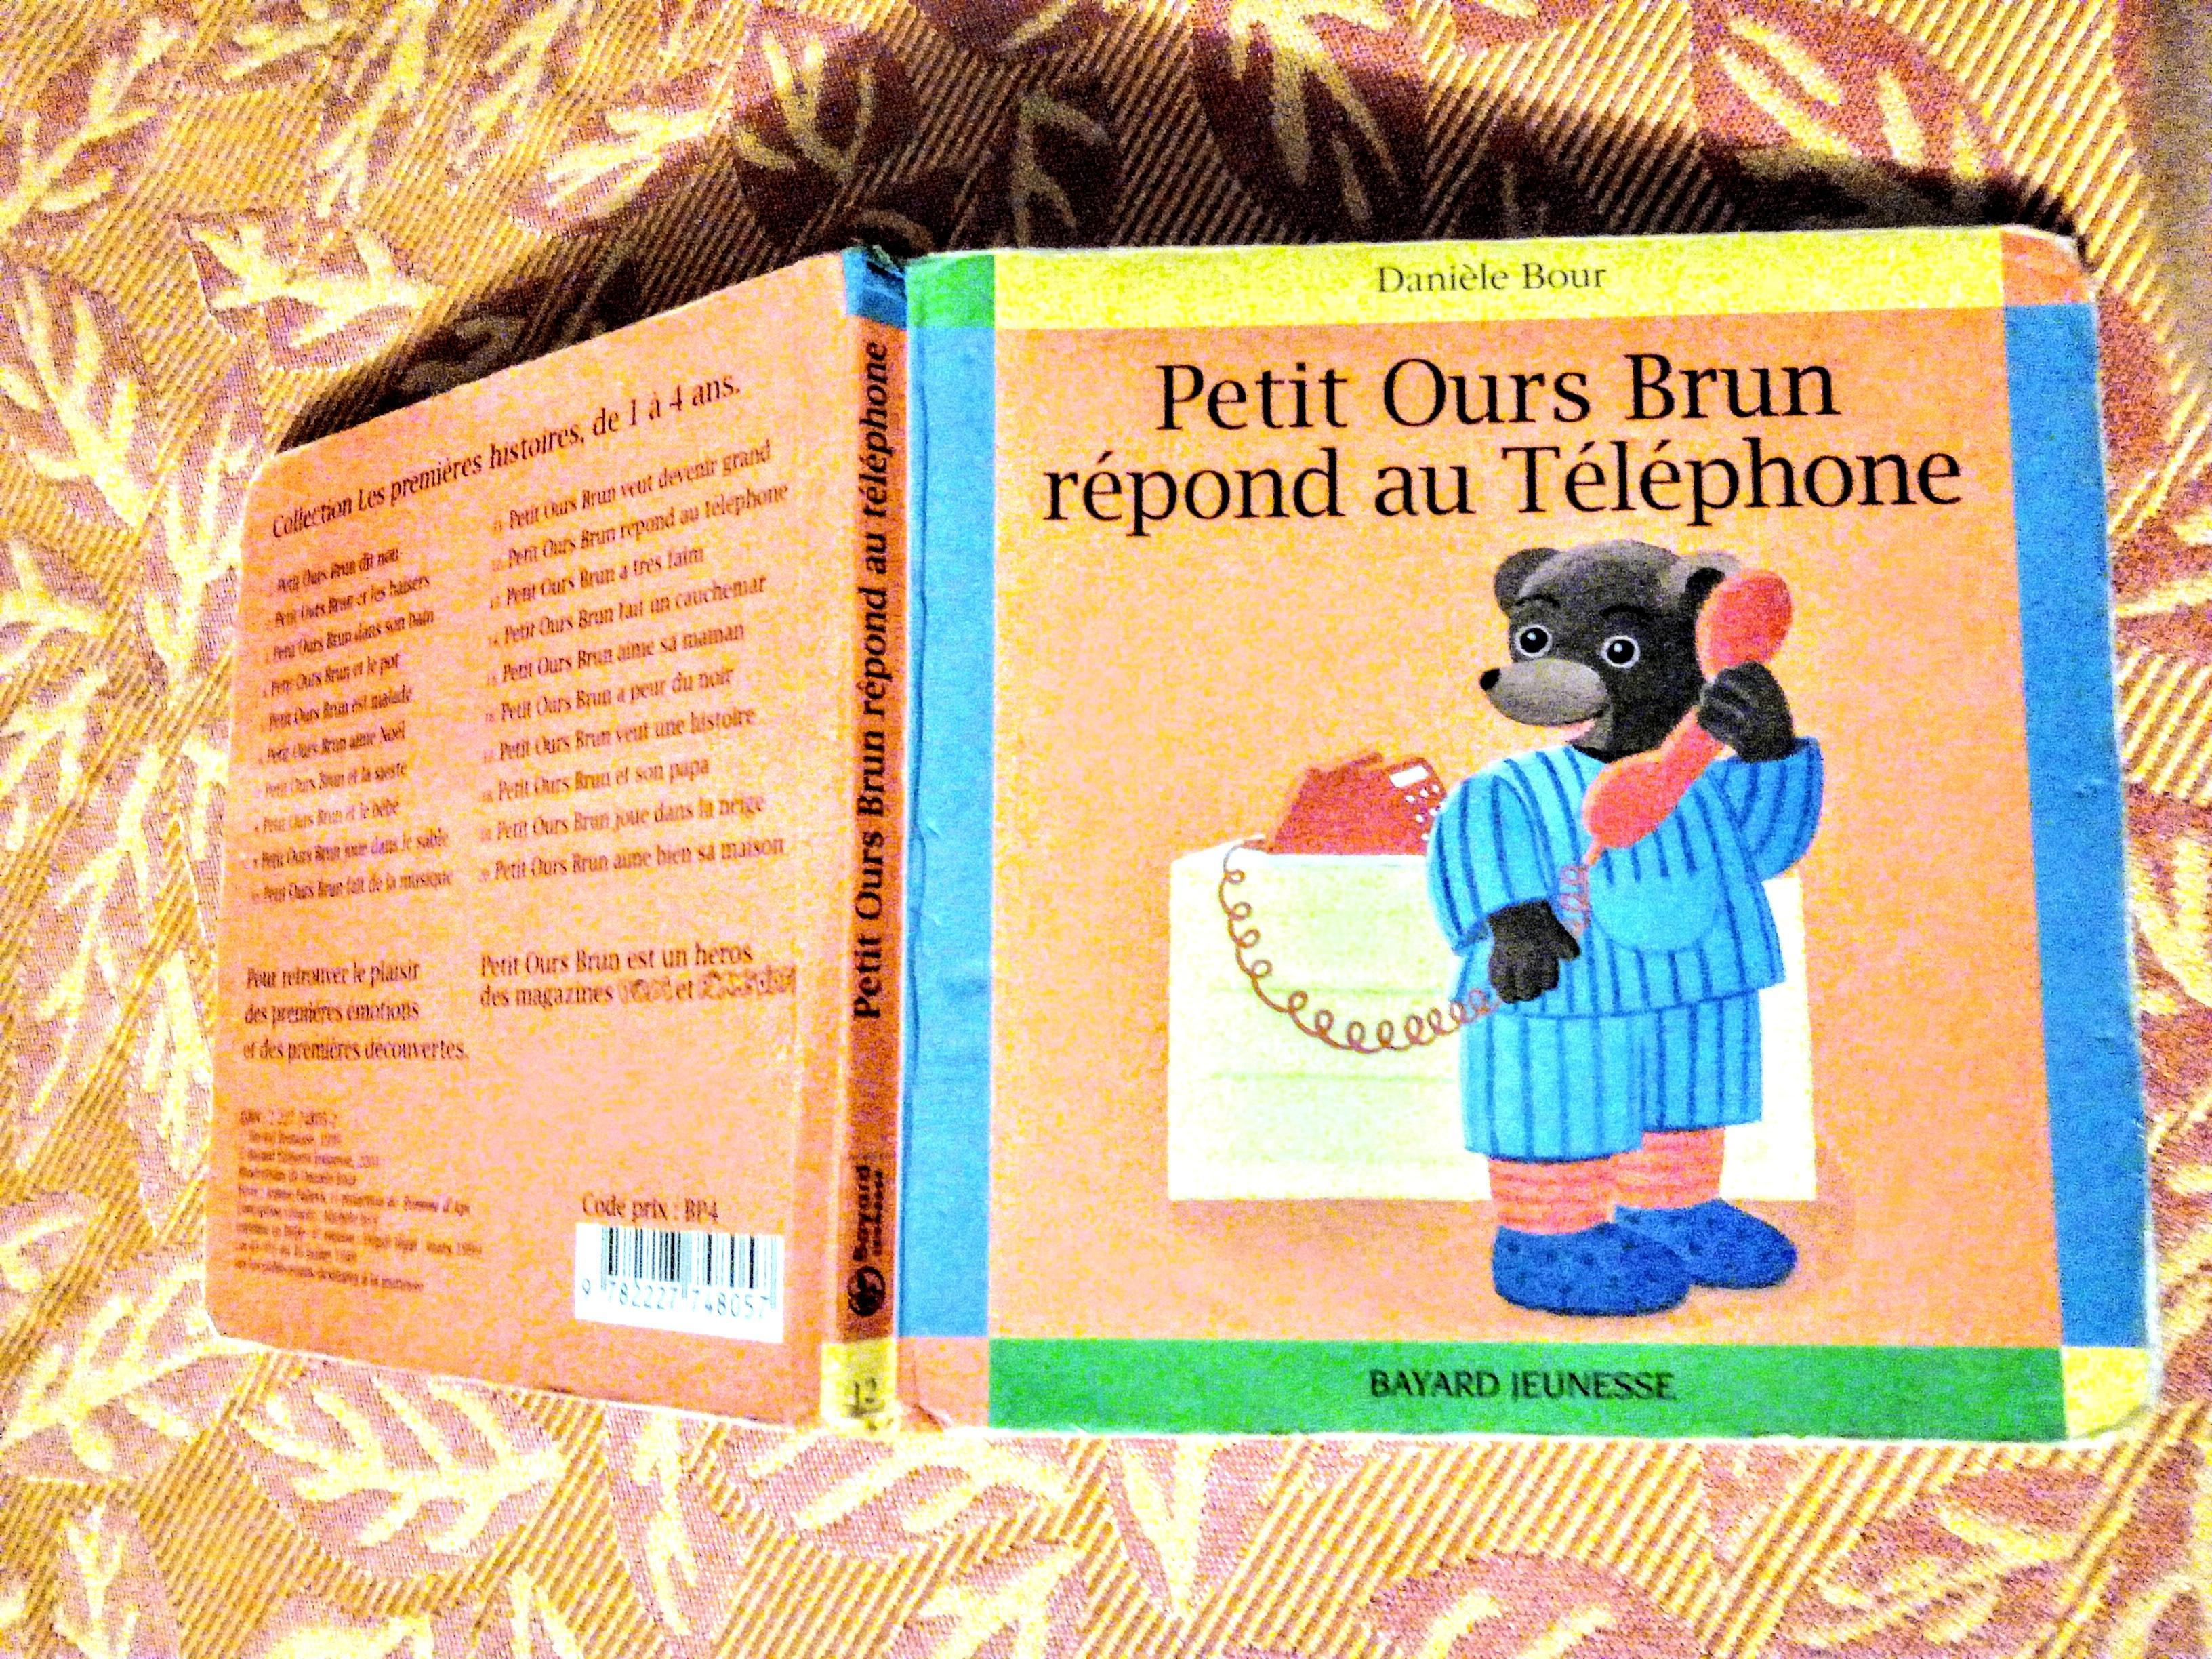 troc de troc petit ours brun rÉpond au tÉlÉphone image 0